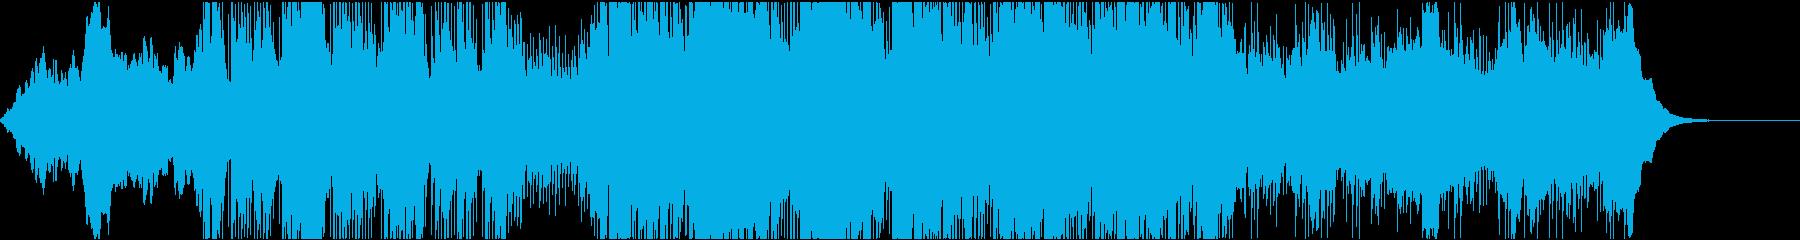 ダークでノイジーなインダストリアルの再生済みの波形